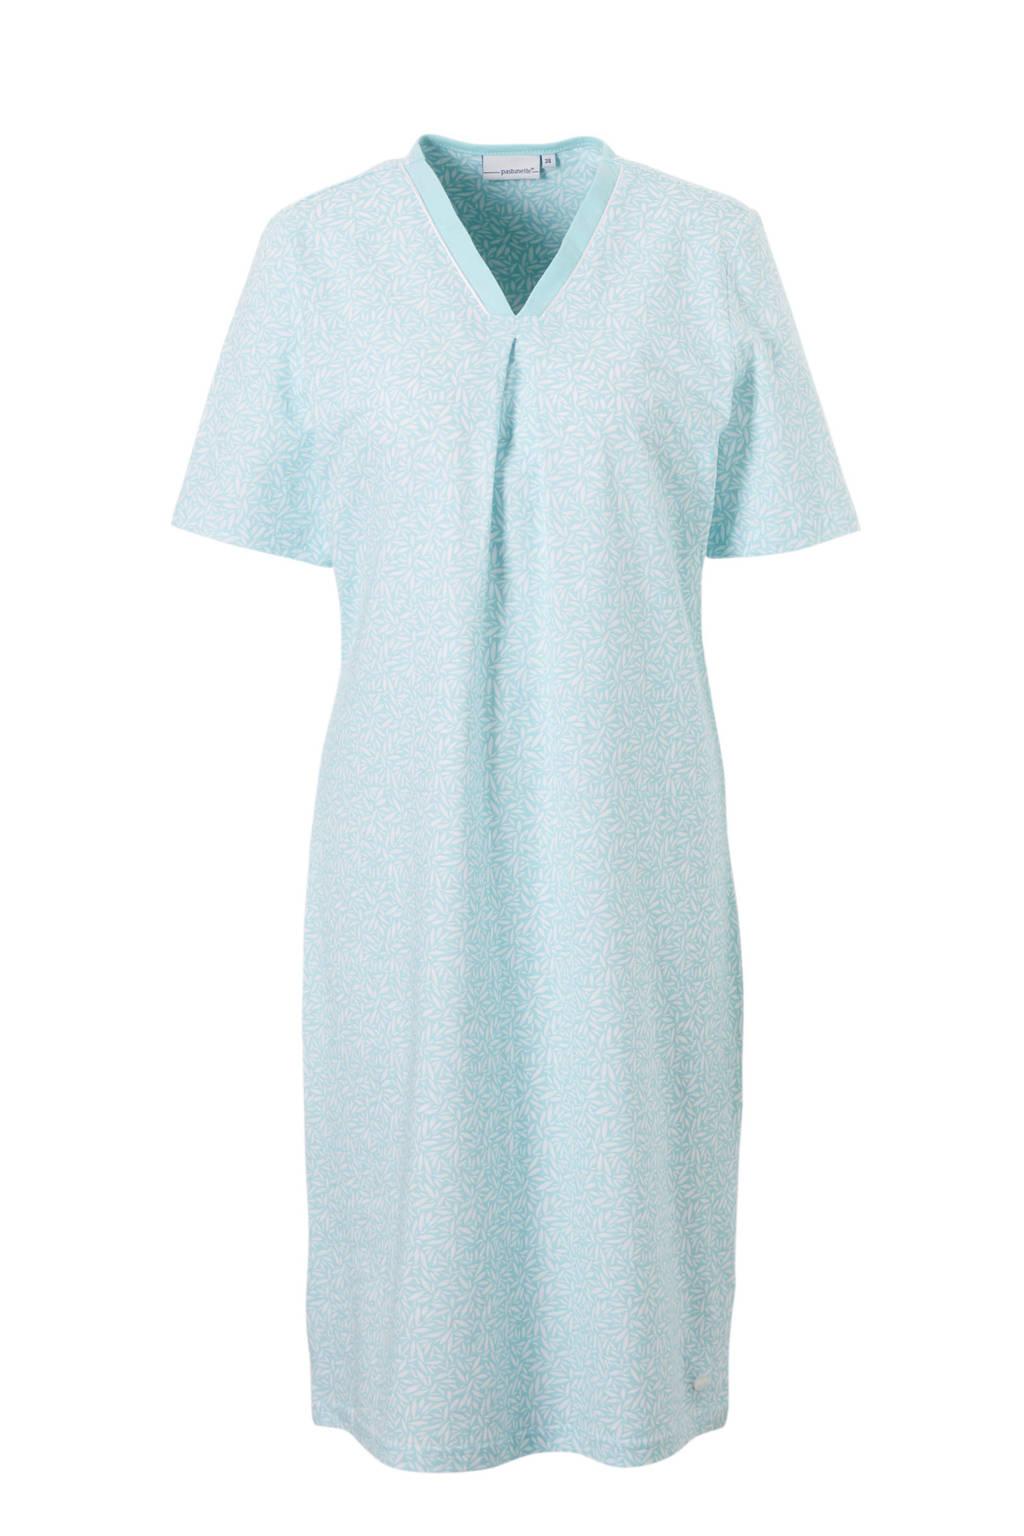 Pastunette nachthemd in all over lichtblauw, Lichtblauw/wit